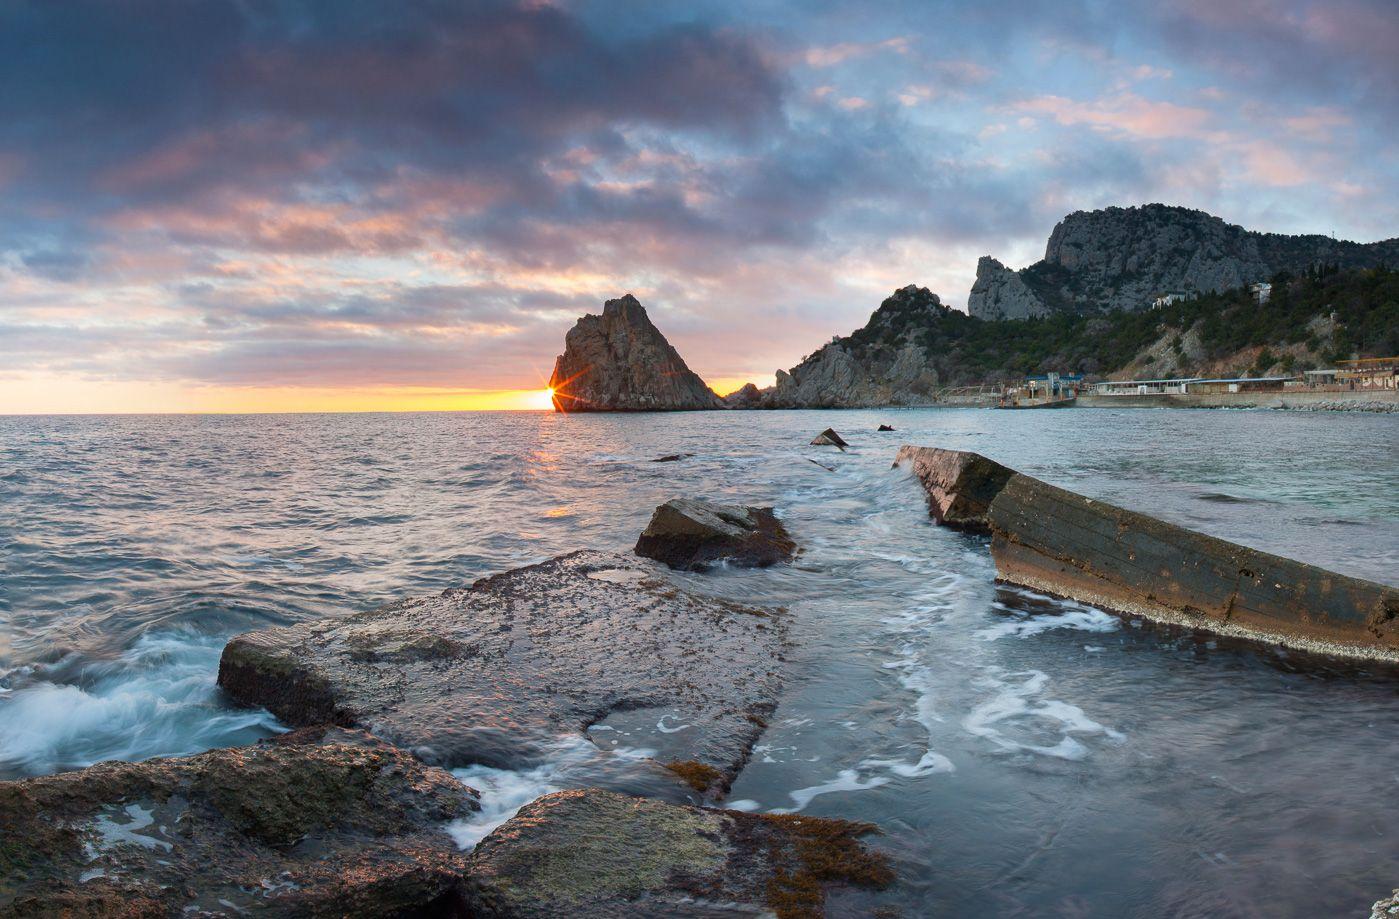 Симеиз Симеиз Скала Дива Ялта Крым Черное море волна пляж шторм фотограф